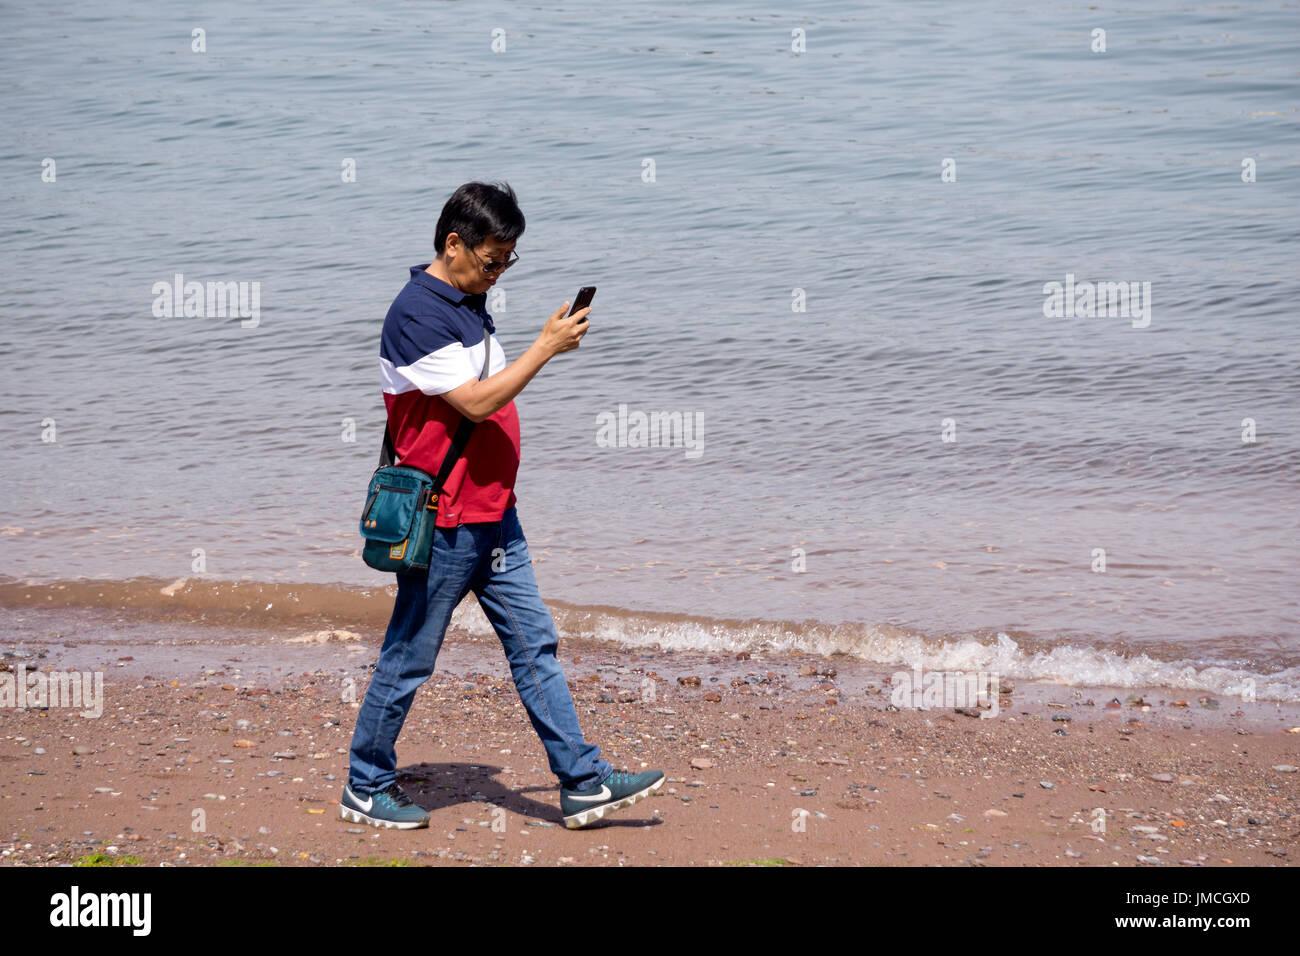 Hombre caminando por la playa mirando su teléfono Imagen De Stock